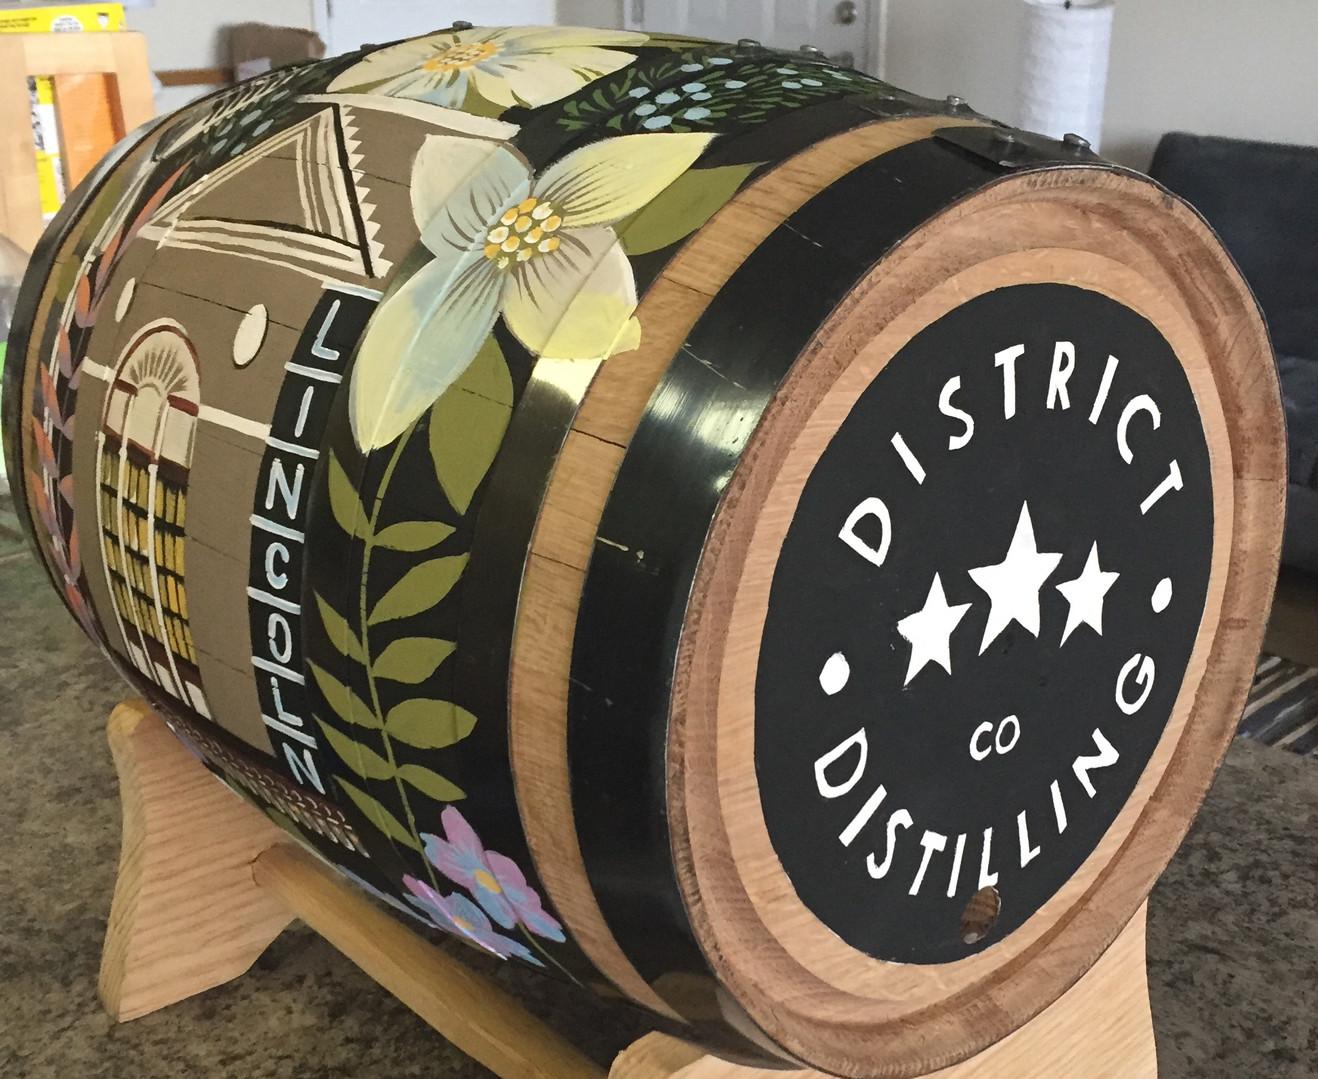 District Distilling U Street